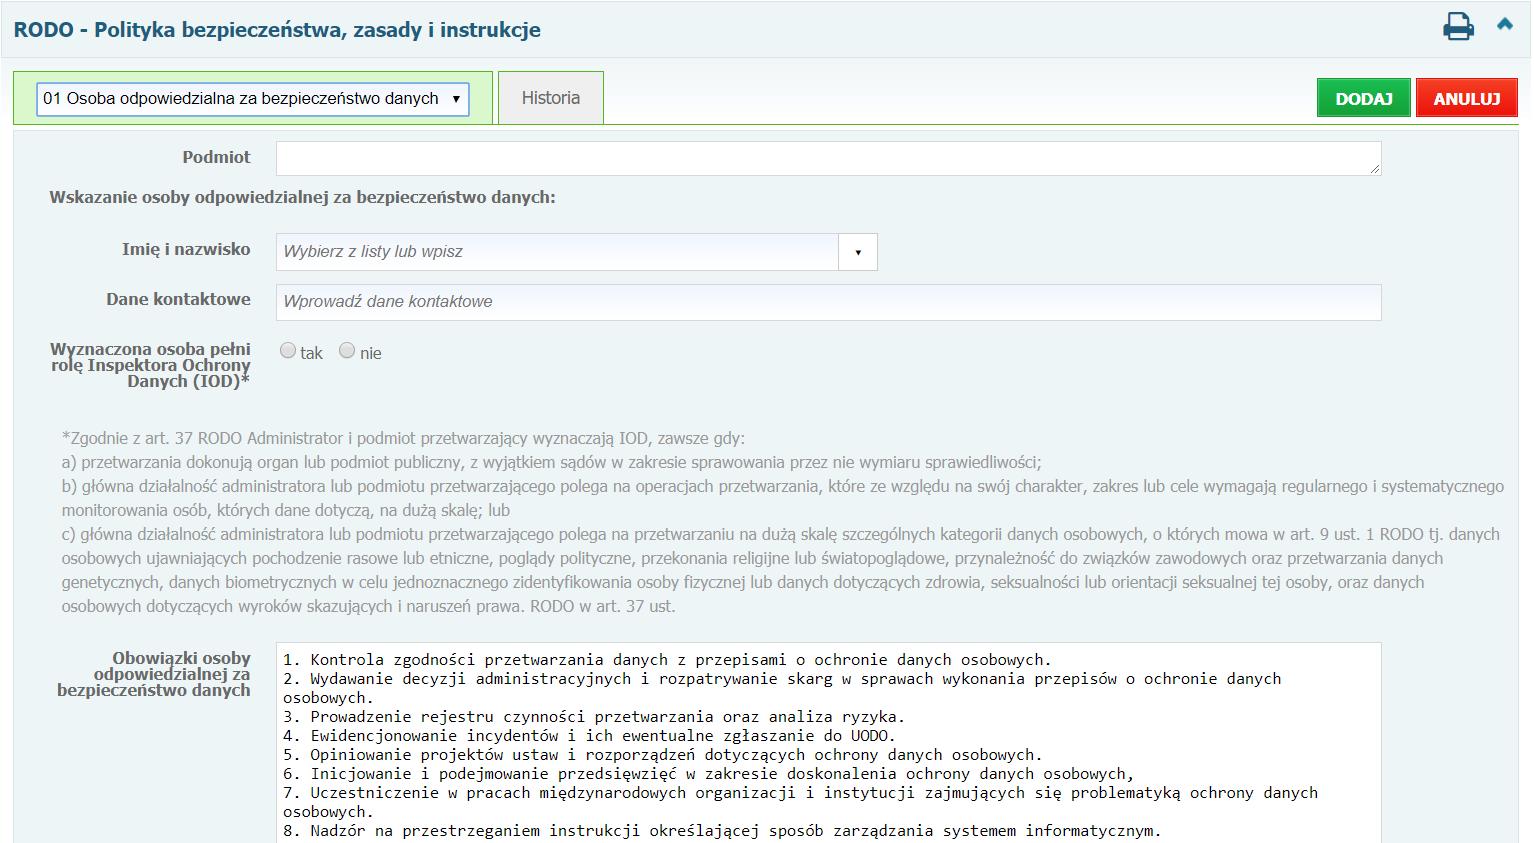 moduł dokumentacja rodo, rozporządzenie o ochronie danych osobowych